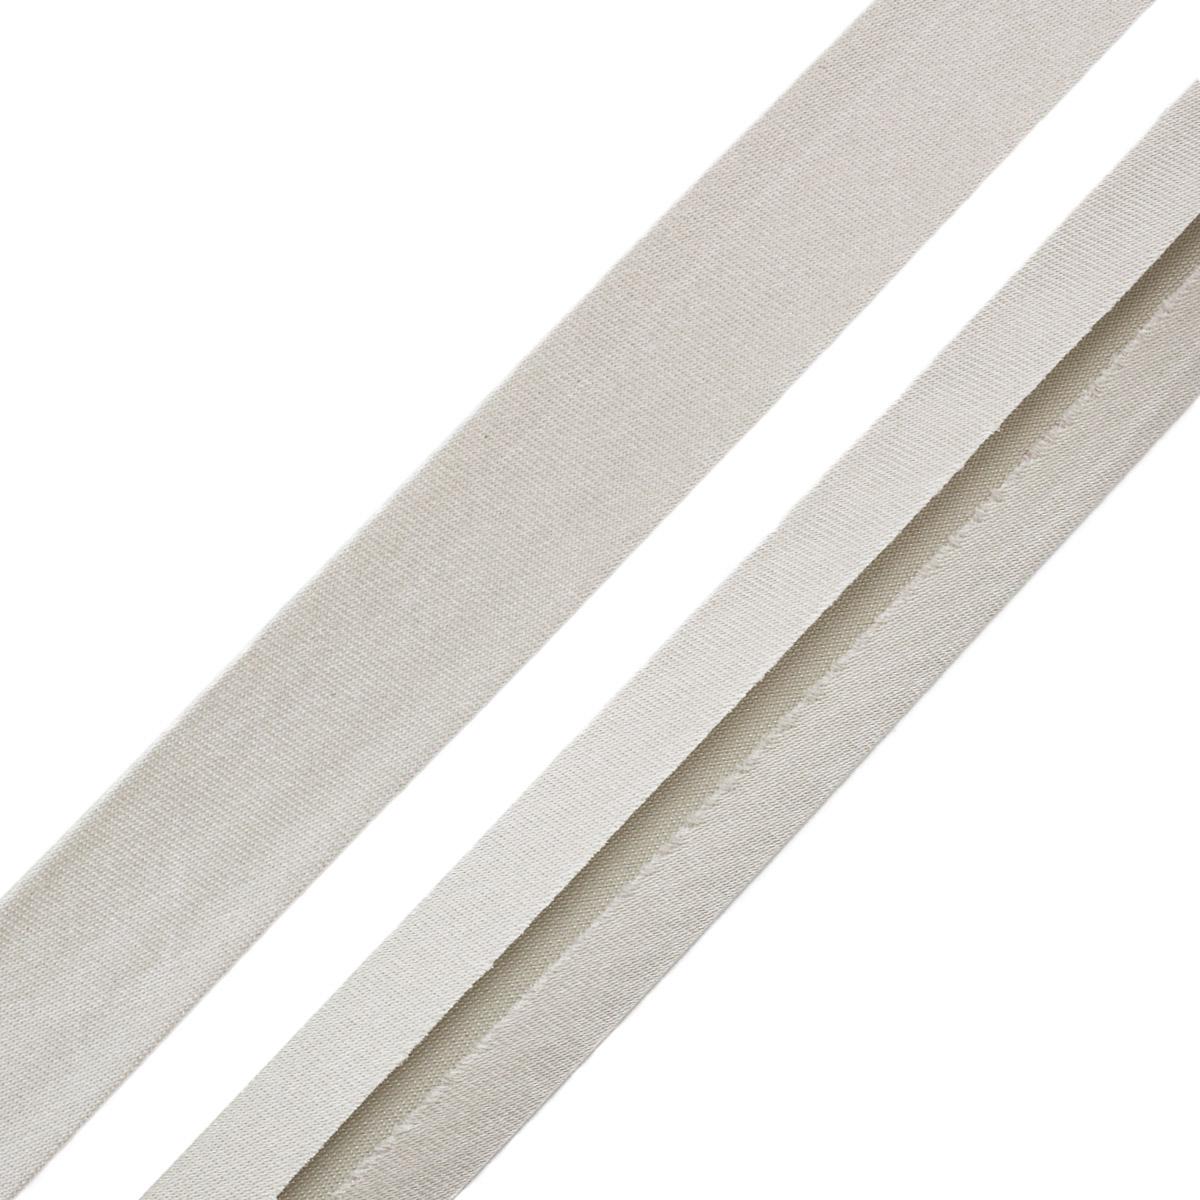 903604 Косая бейка - дюшес 40/20 мм, серебристо-серый цв., 30м Prym